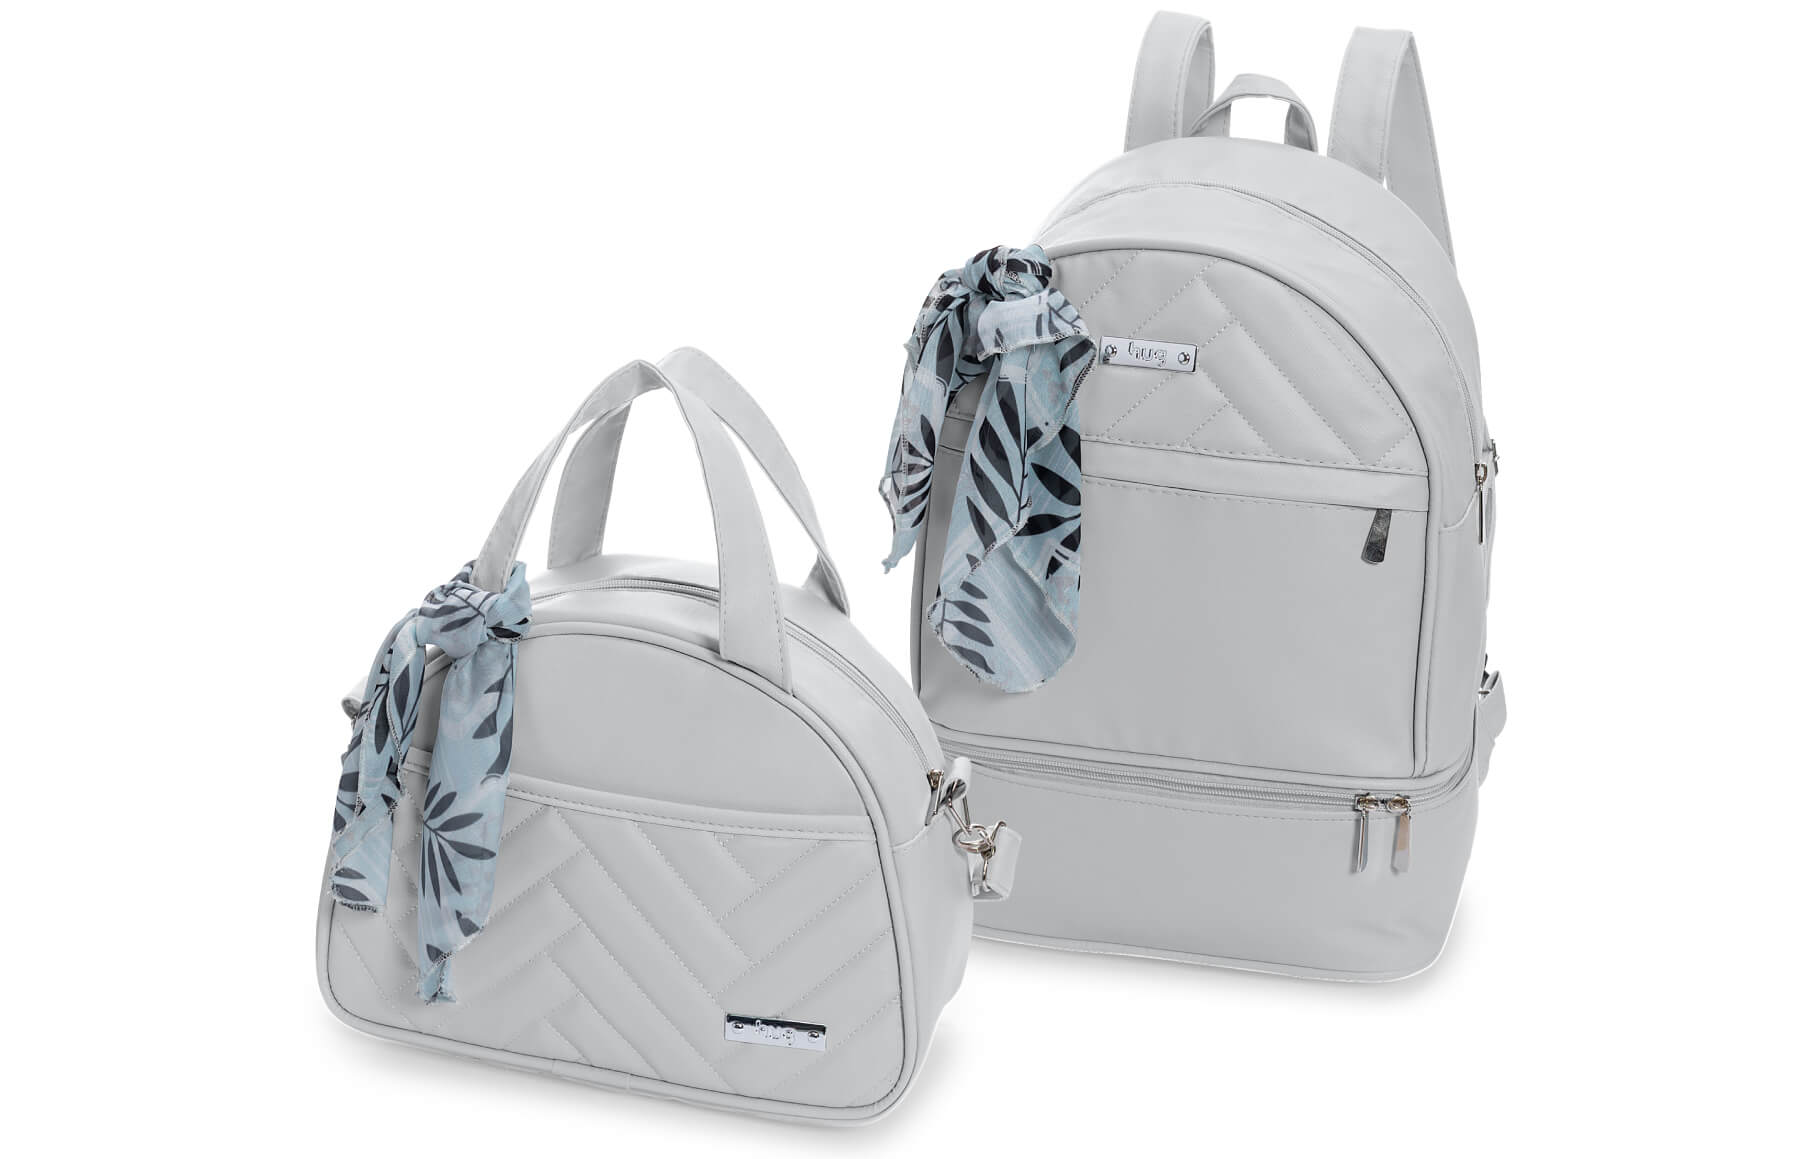 Kit de bolsas 2 peças linha Munique cor cinza